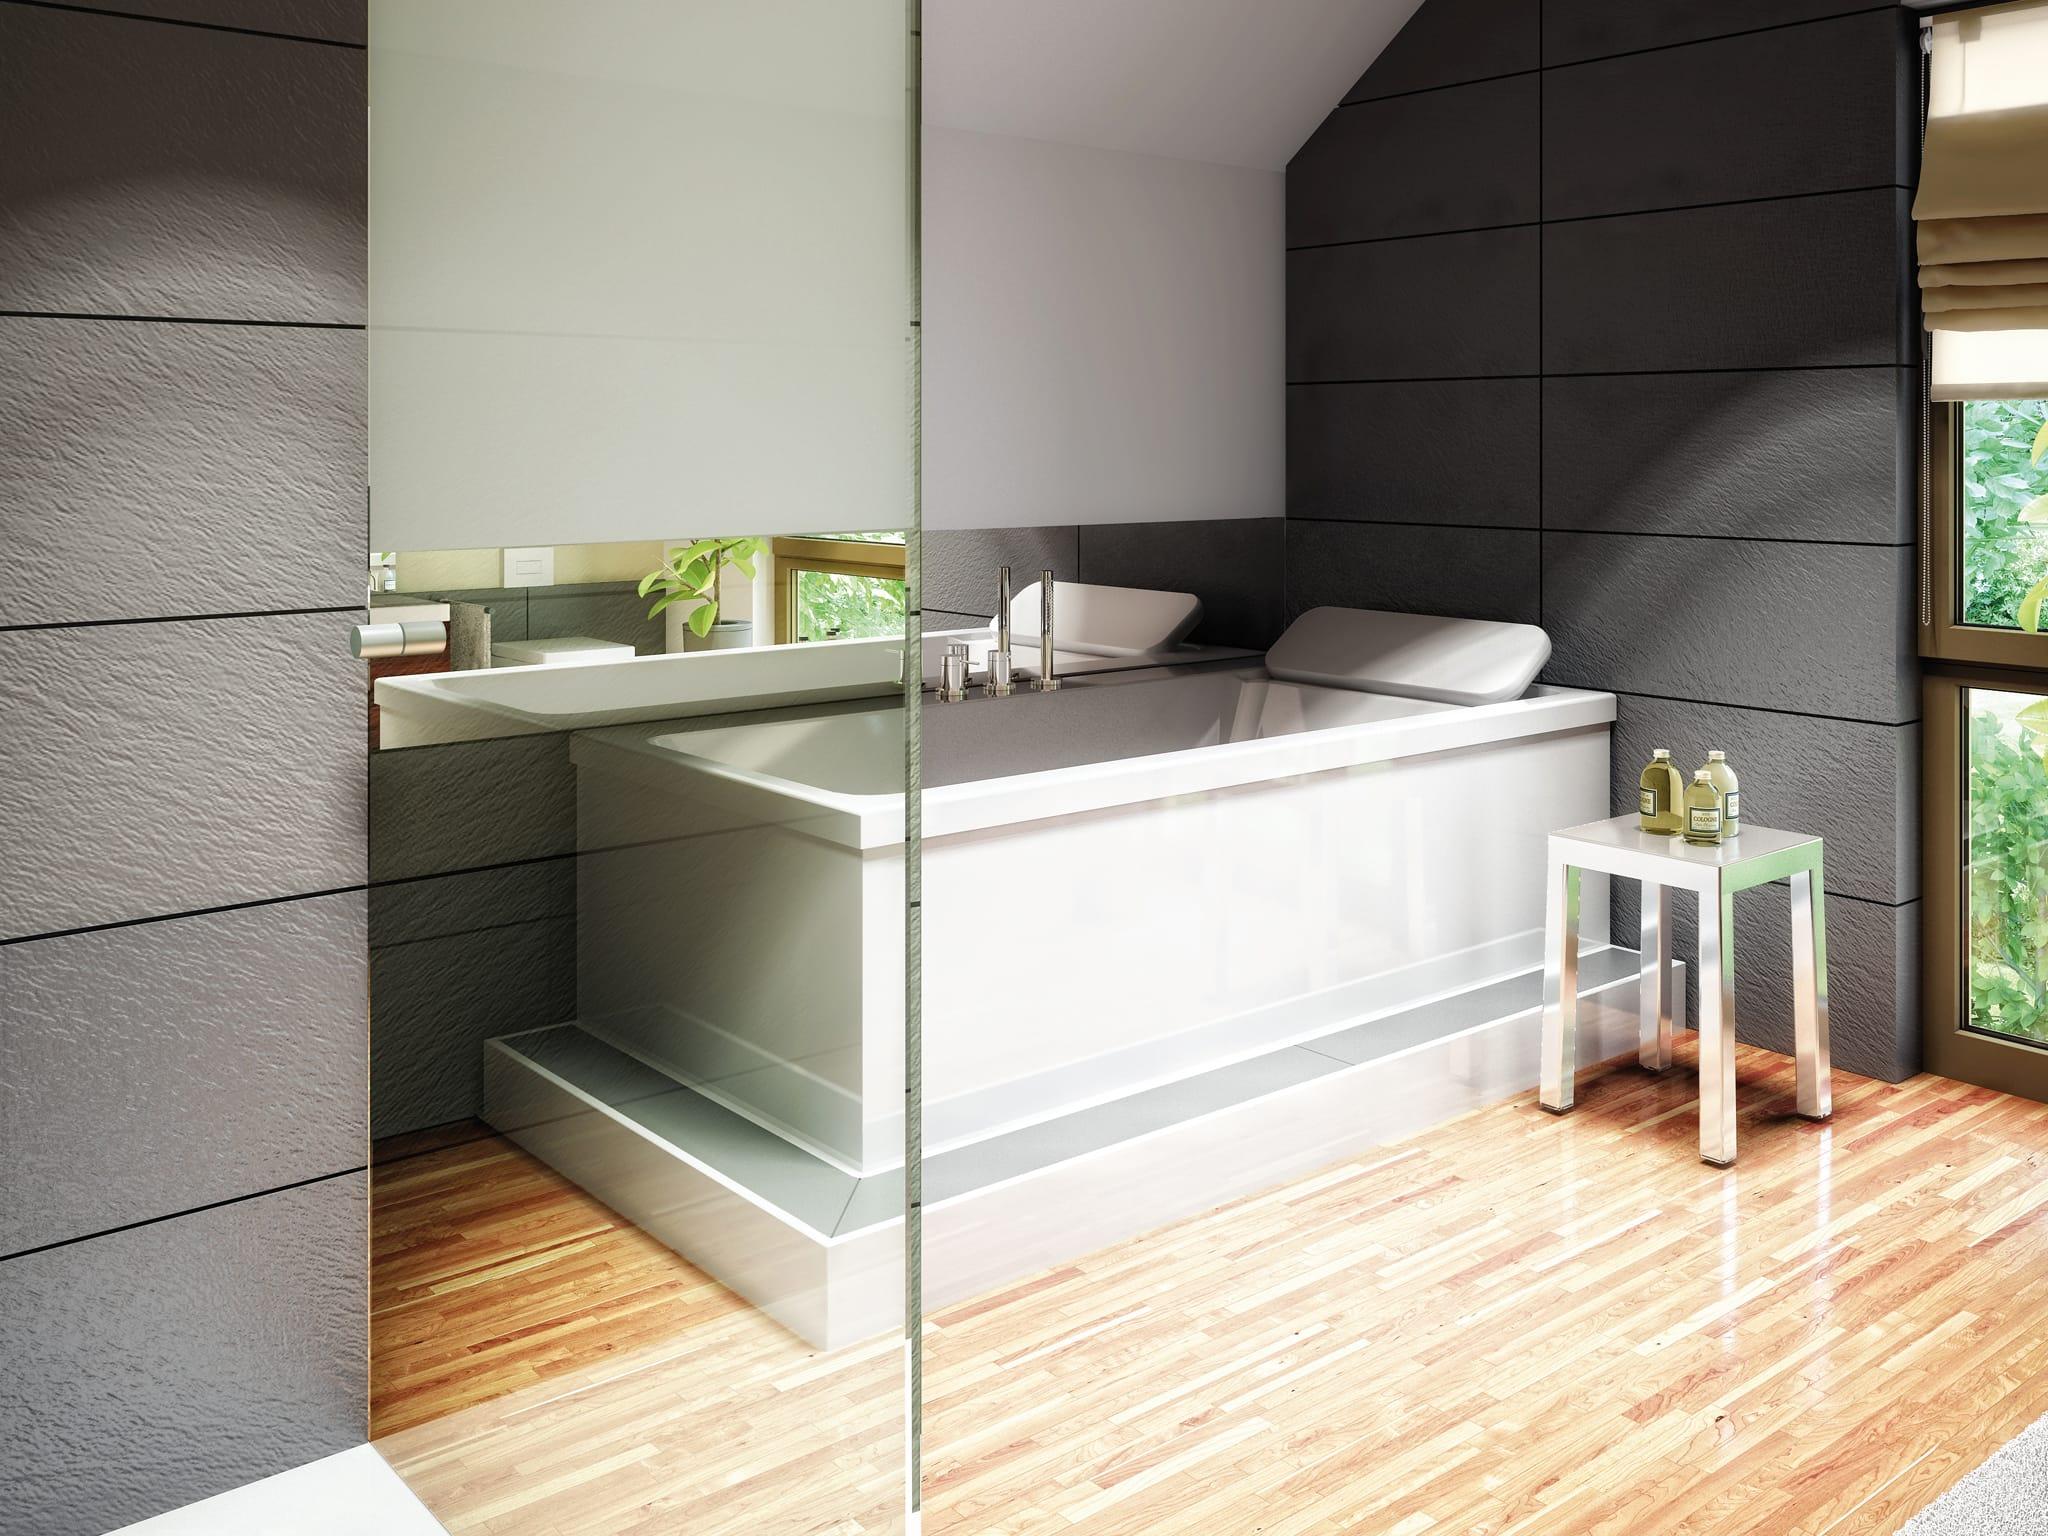 Badezimmer Ideen mit Fliesen in Holzoptik - Einfamilienhaus Inneneinrichtung Fertighaus Living Haus SUNSHINE 136 V2 - HausbauDirekt.de